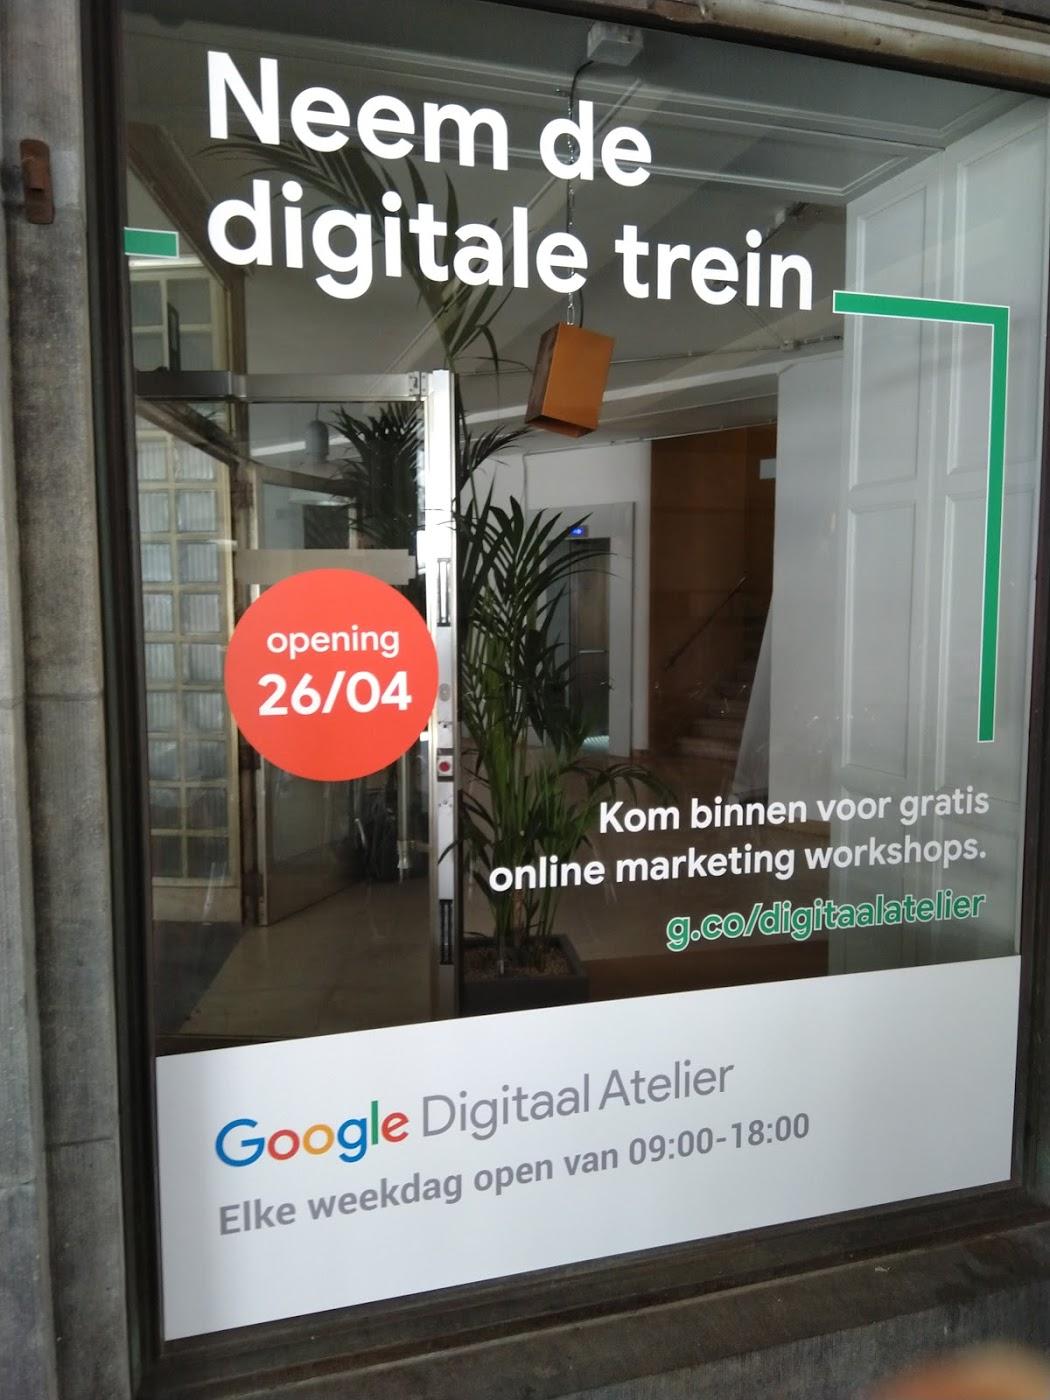 Google Digitaal Atelier Becentral buiten